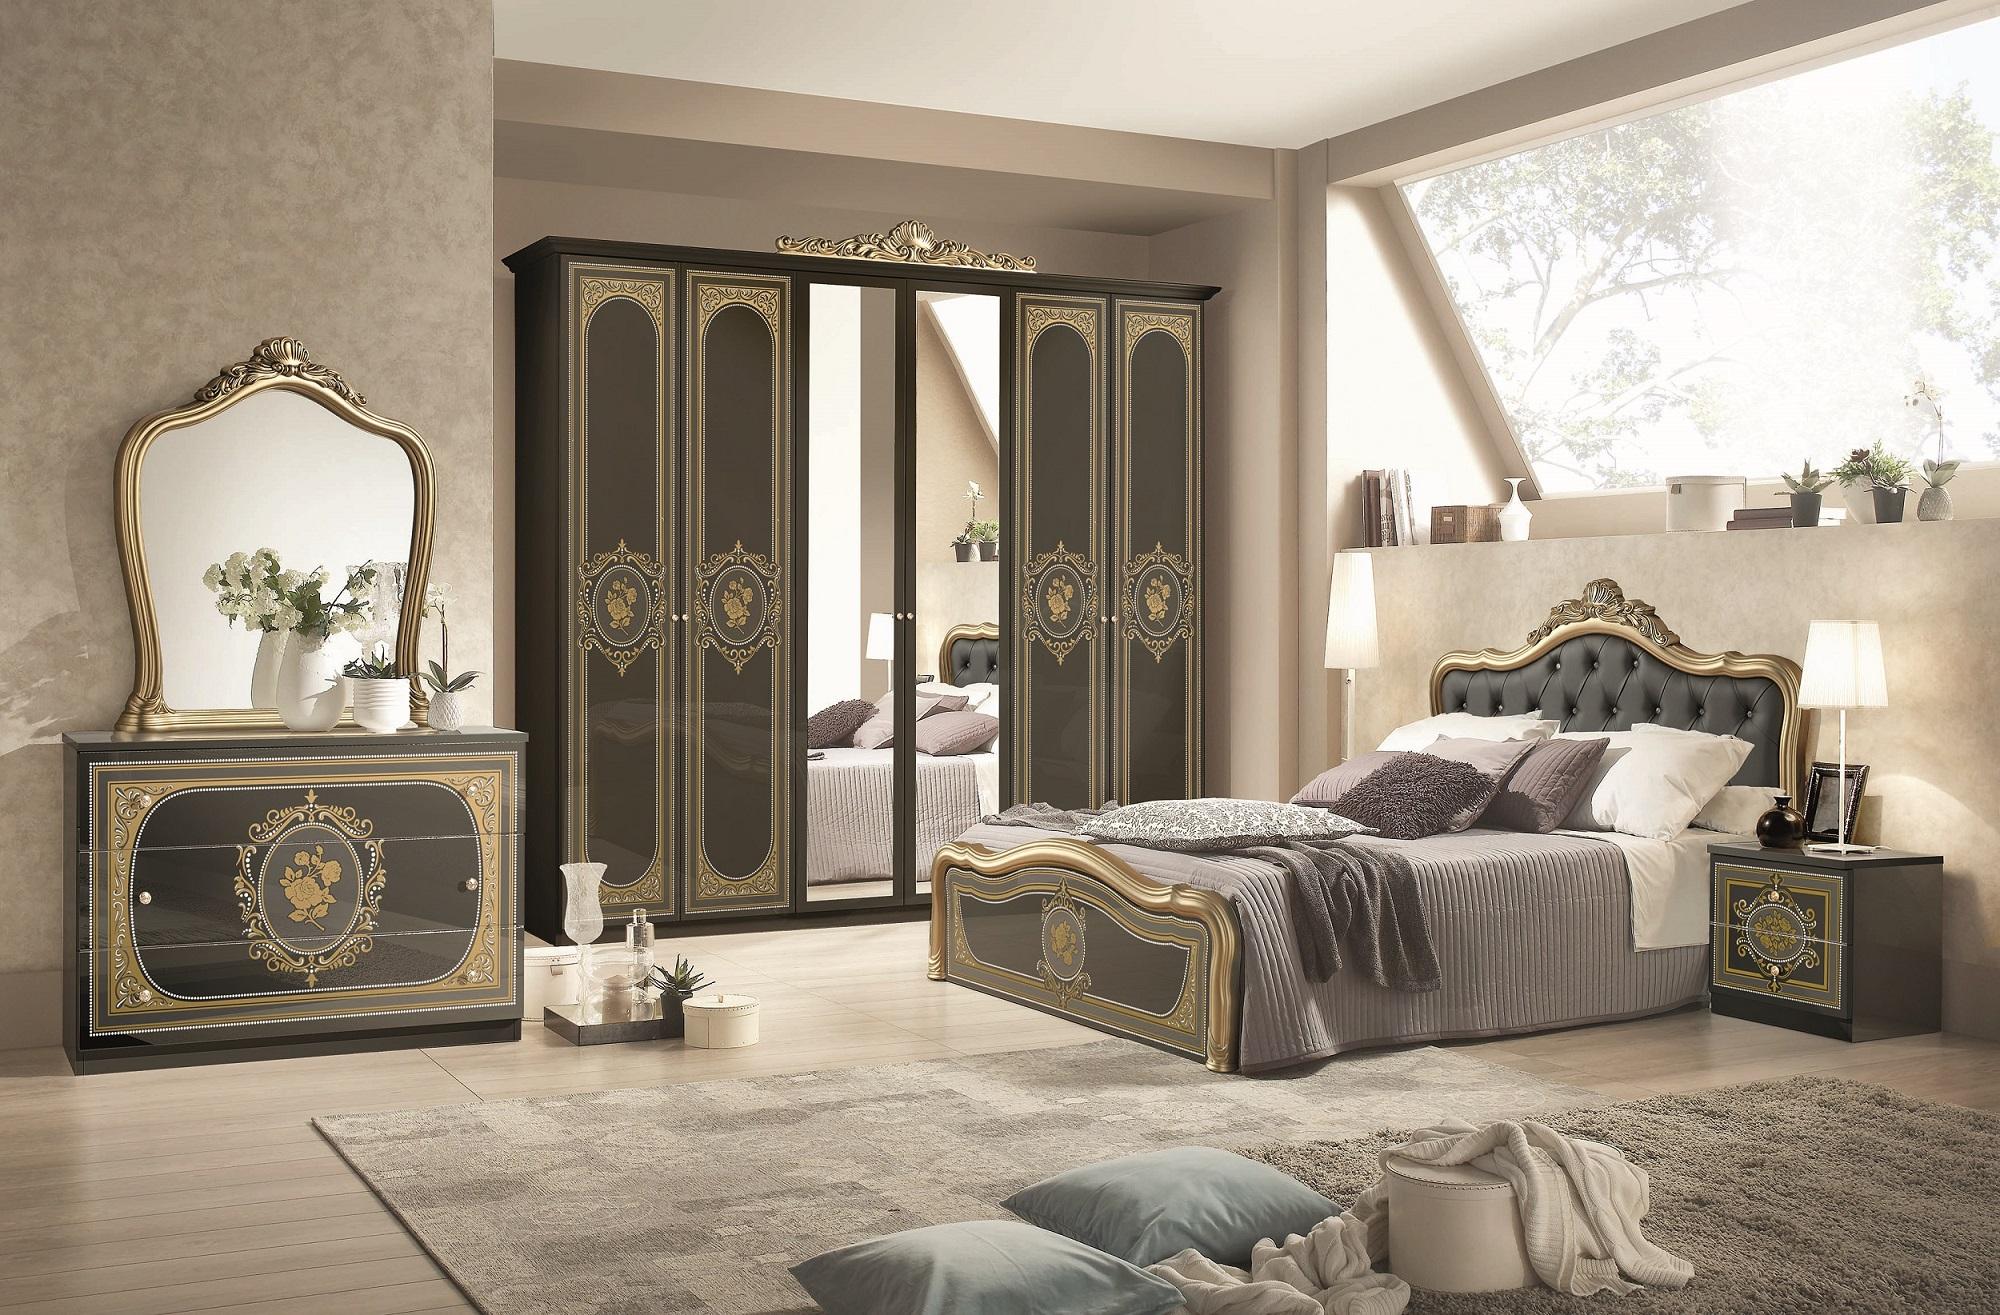 Schlafzimmer alice in schwarz silber barock polsterung 180x200cm xp pfalcca4cbs18 - Schlafzimmer in schwarz ...